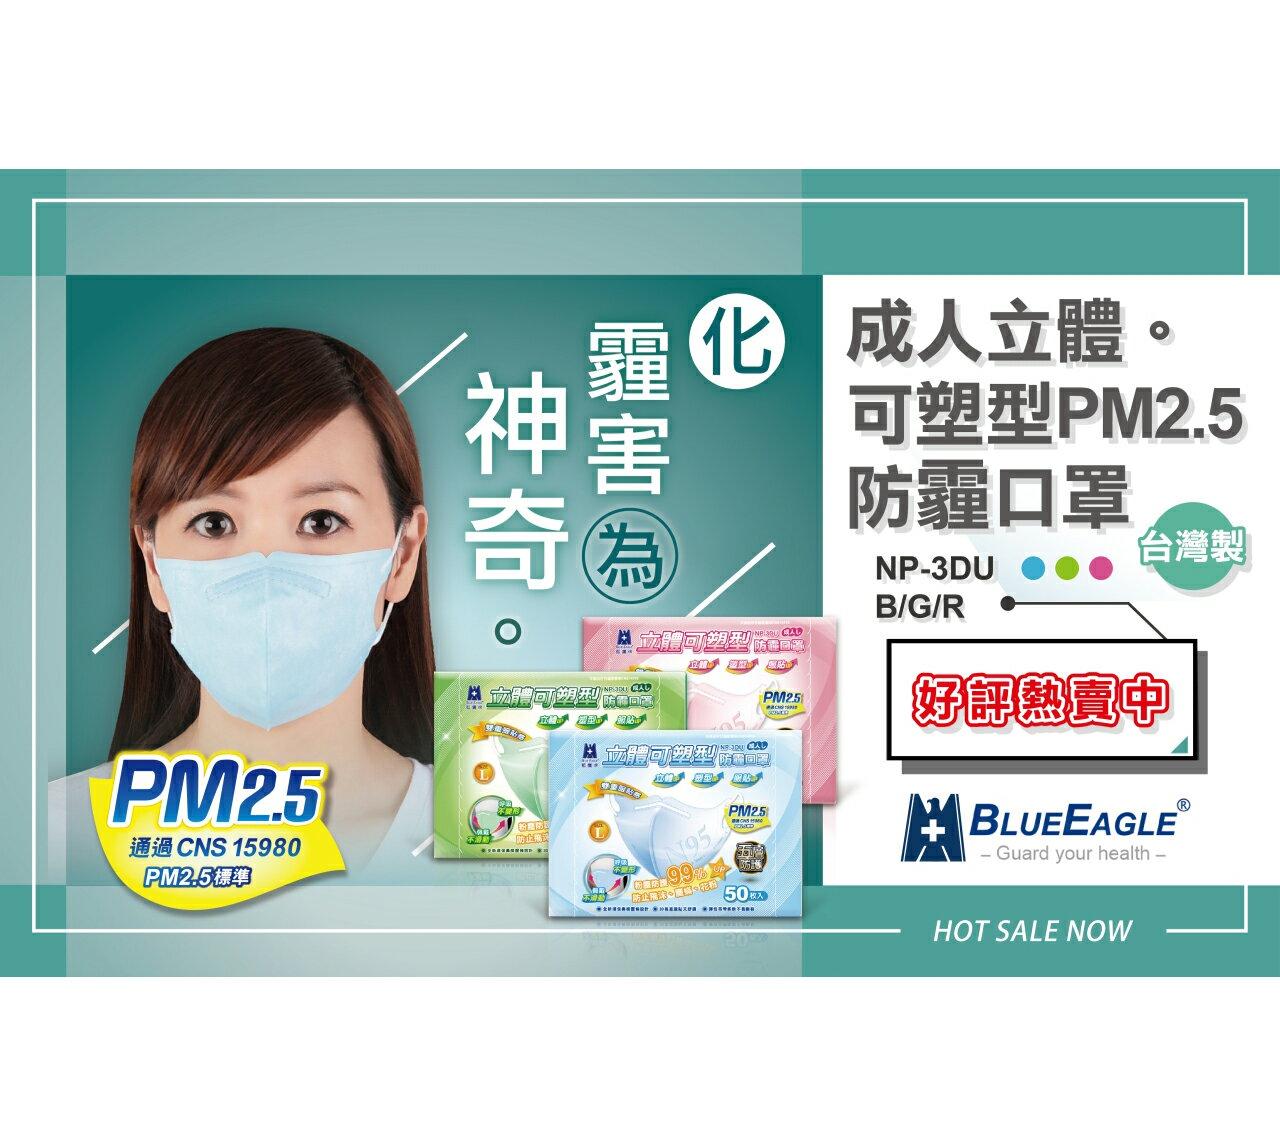 [真豪口罩]藍鷹牌口罩~新貨到正品全新改版五層防護有壓條~台灣製造PM2.5成人3D立體五層口罩鼻樑有壓條設計50片裝